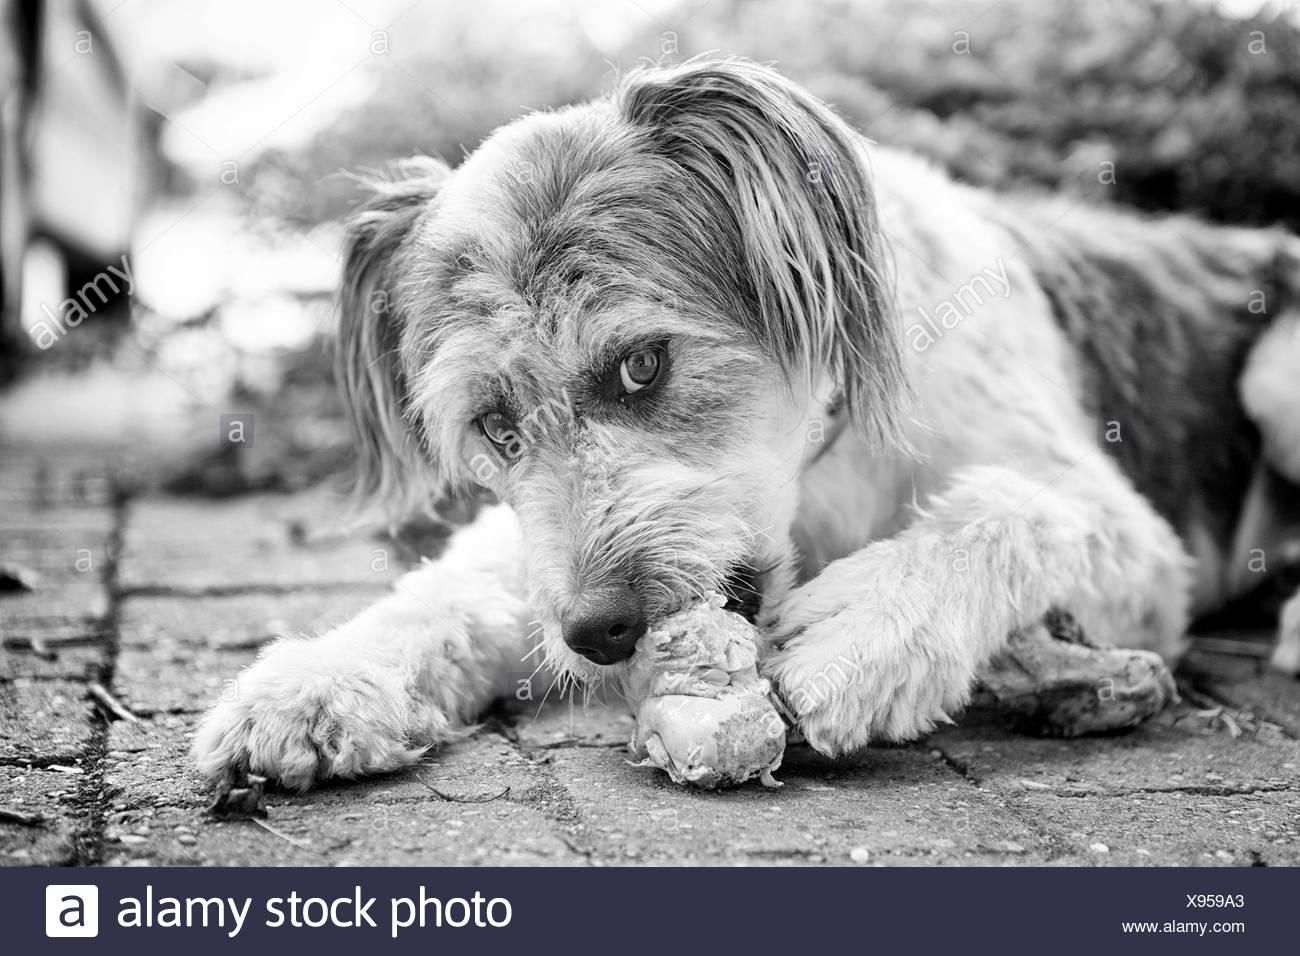 Dog gnawing on a bone - Stock Image